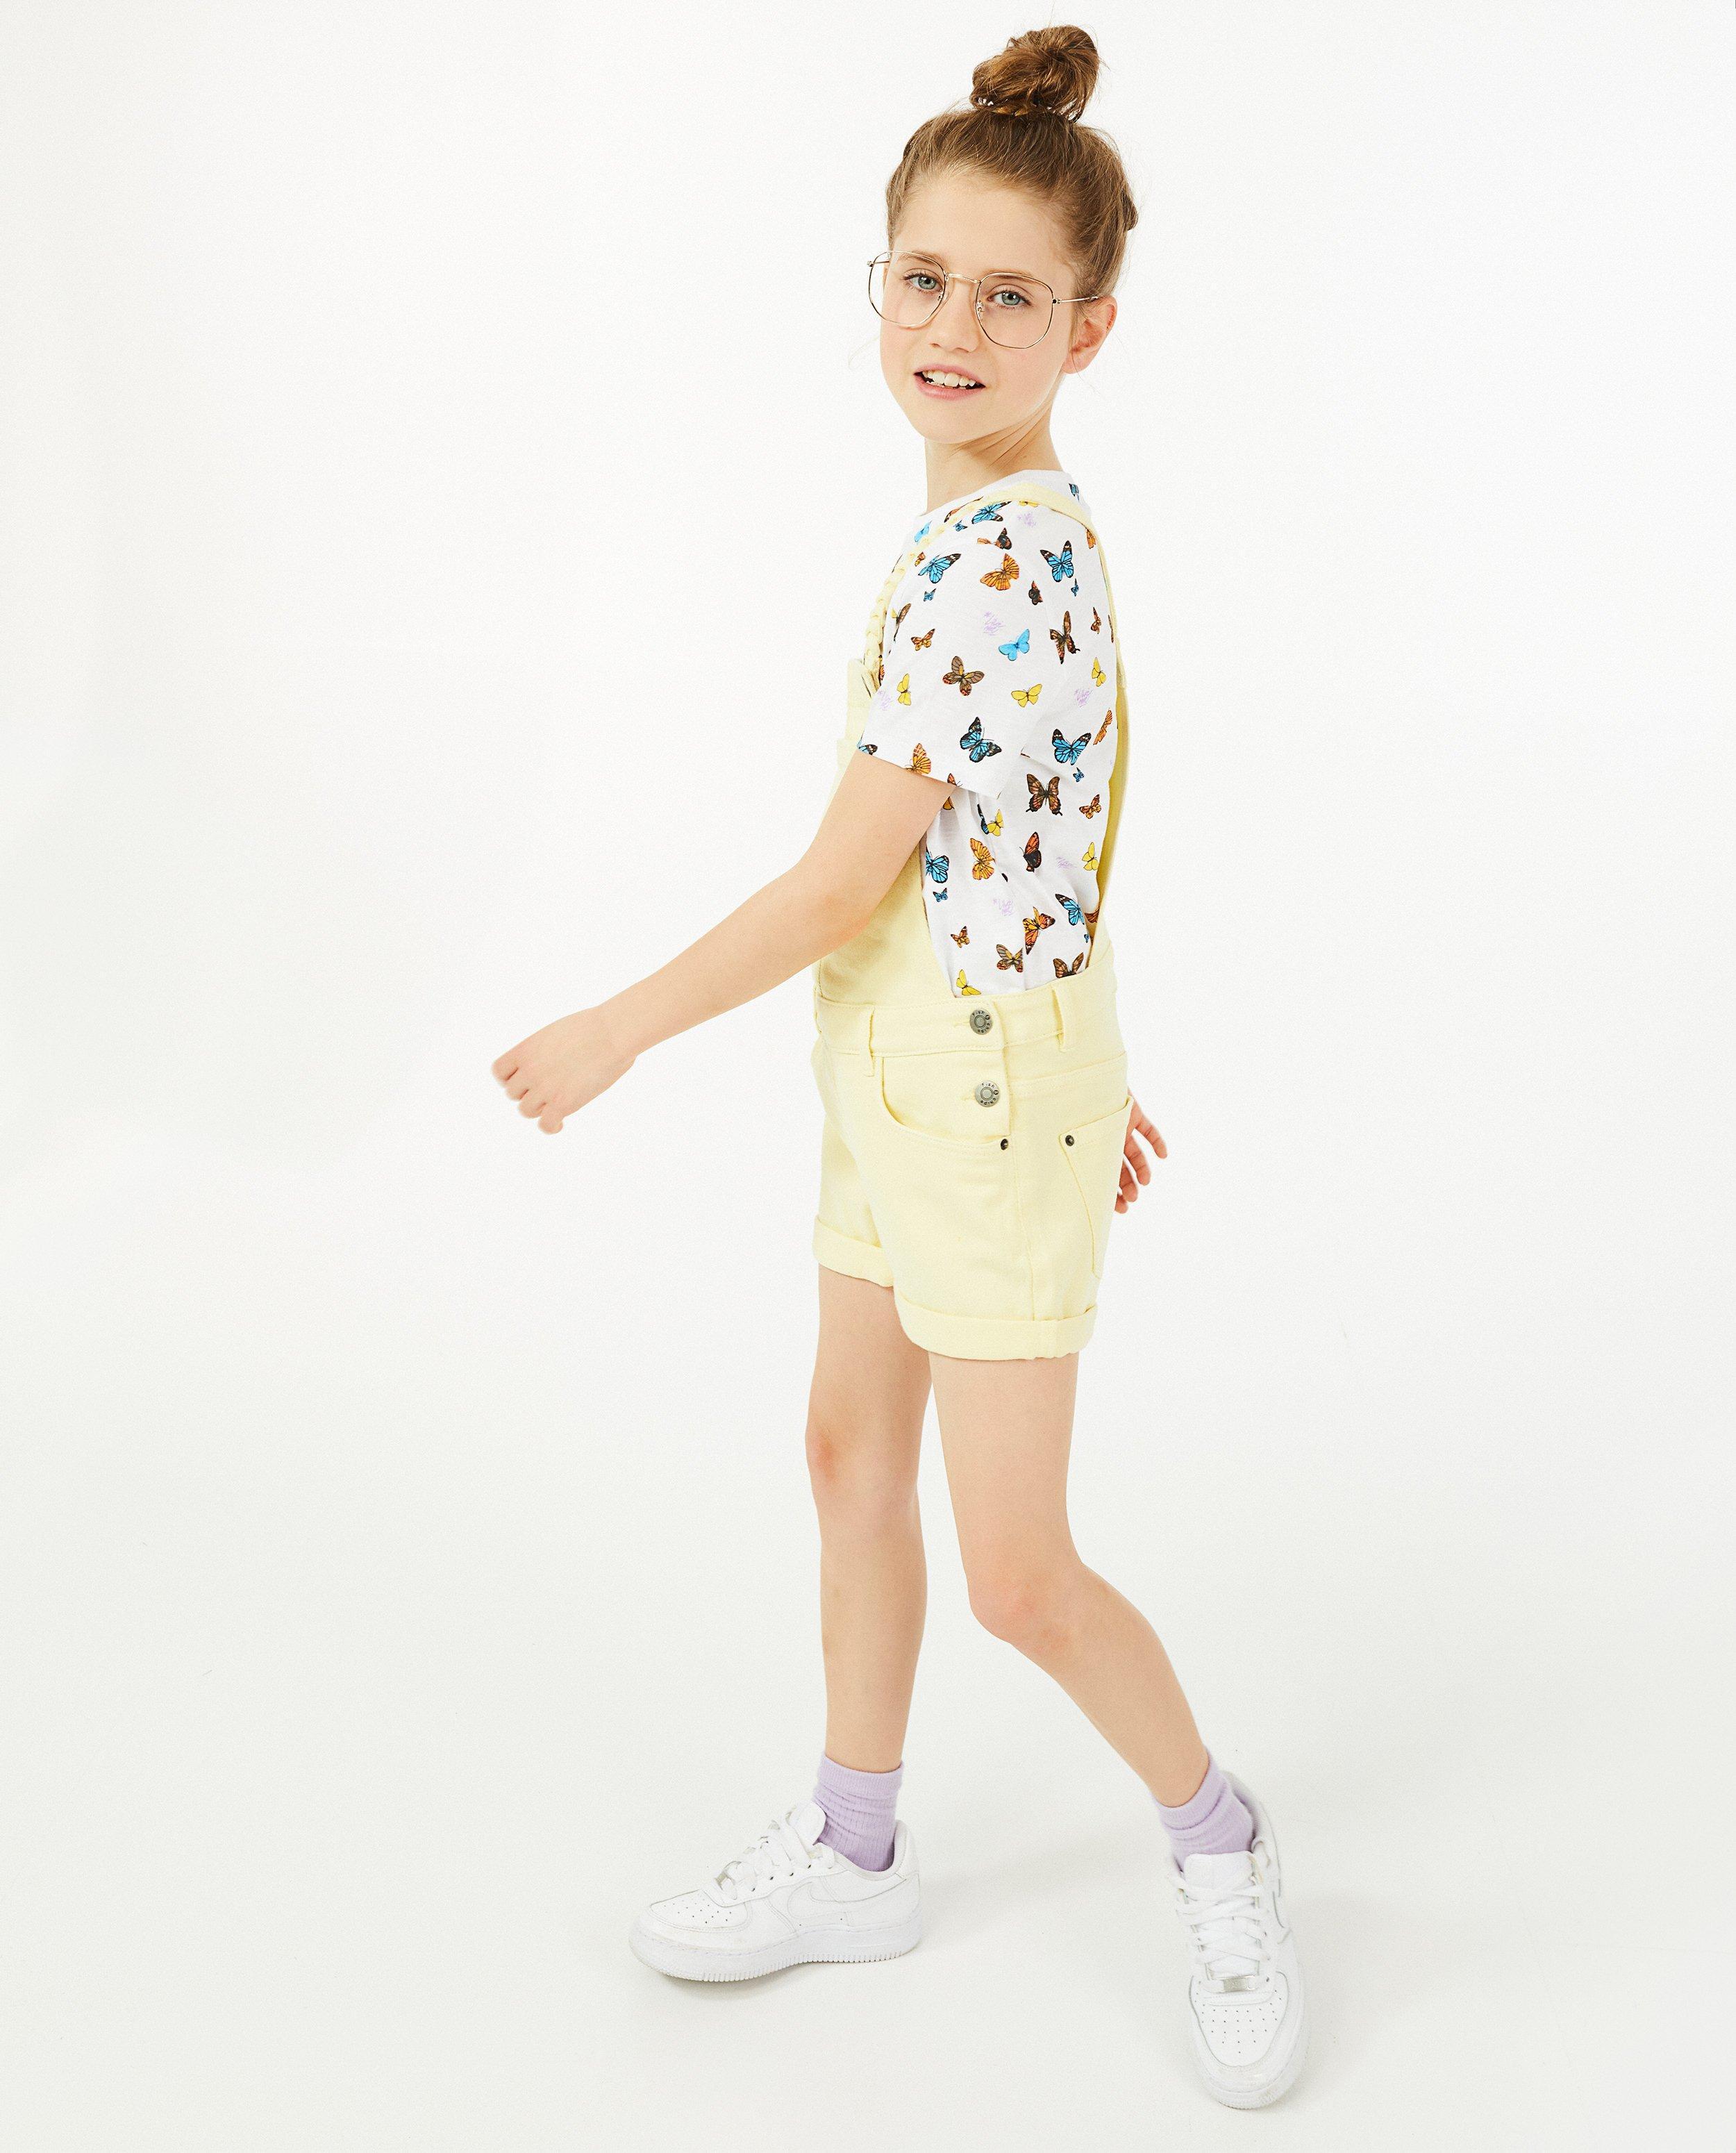 T-shirt met vlinderprint #LikeMe - in wit - Like Me